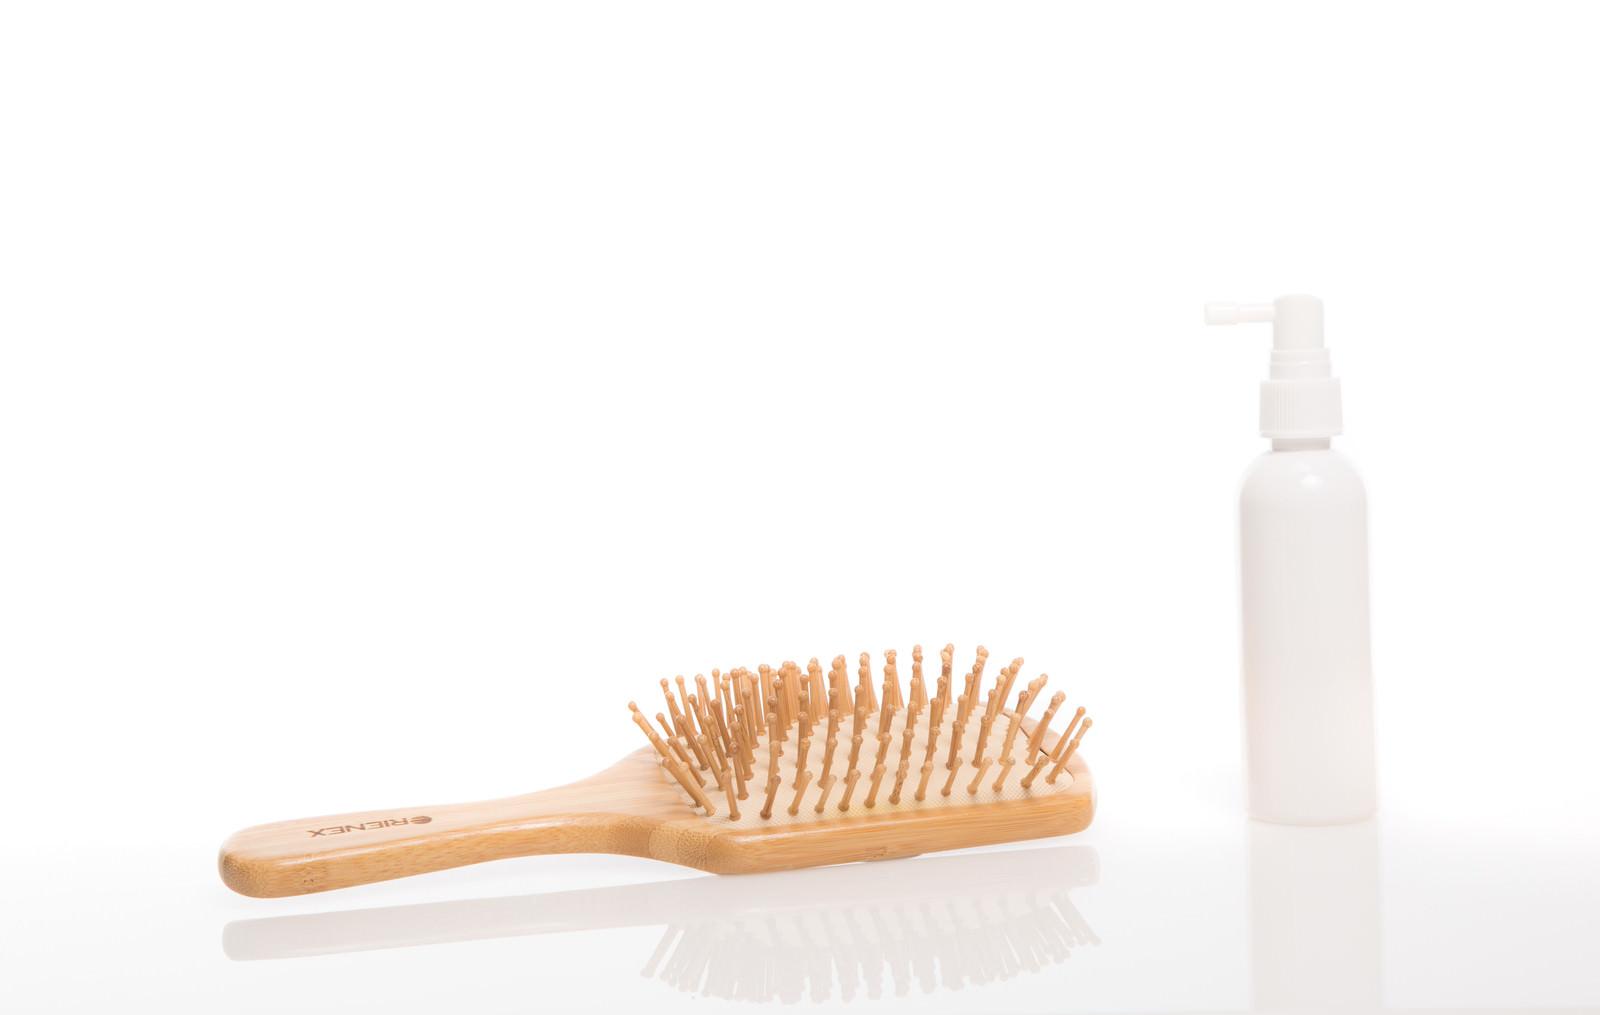 「ヘアブラシと育毛スプレー | 写真の無料素材・フリー素材 - ぱくたそ」の写真